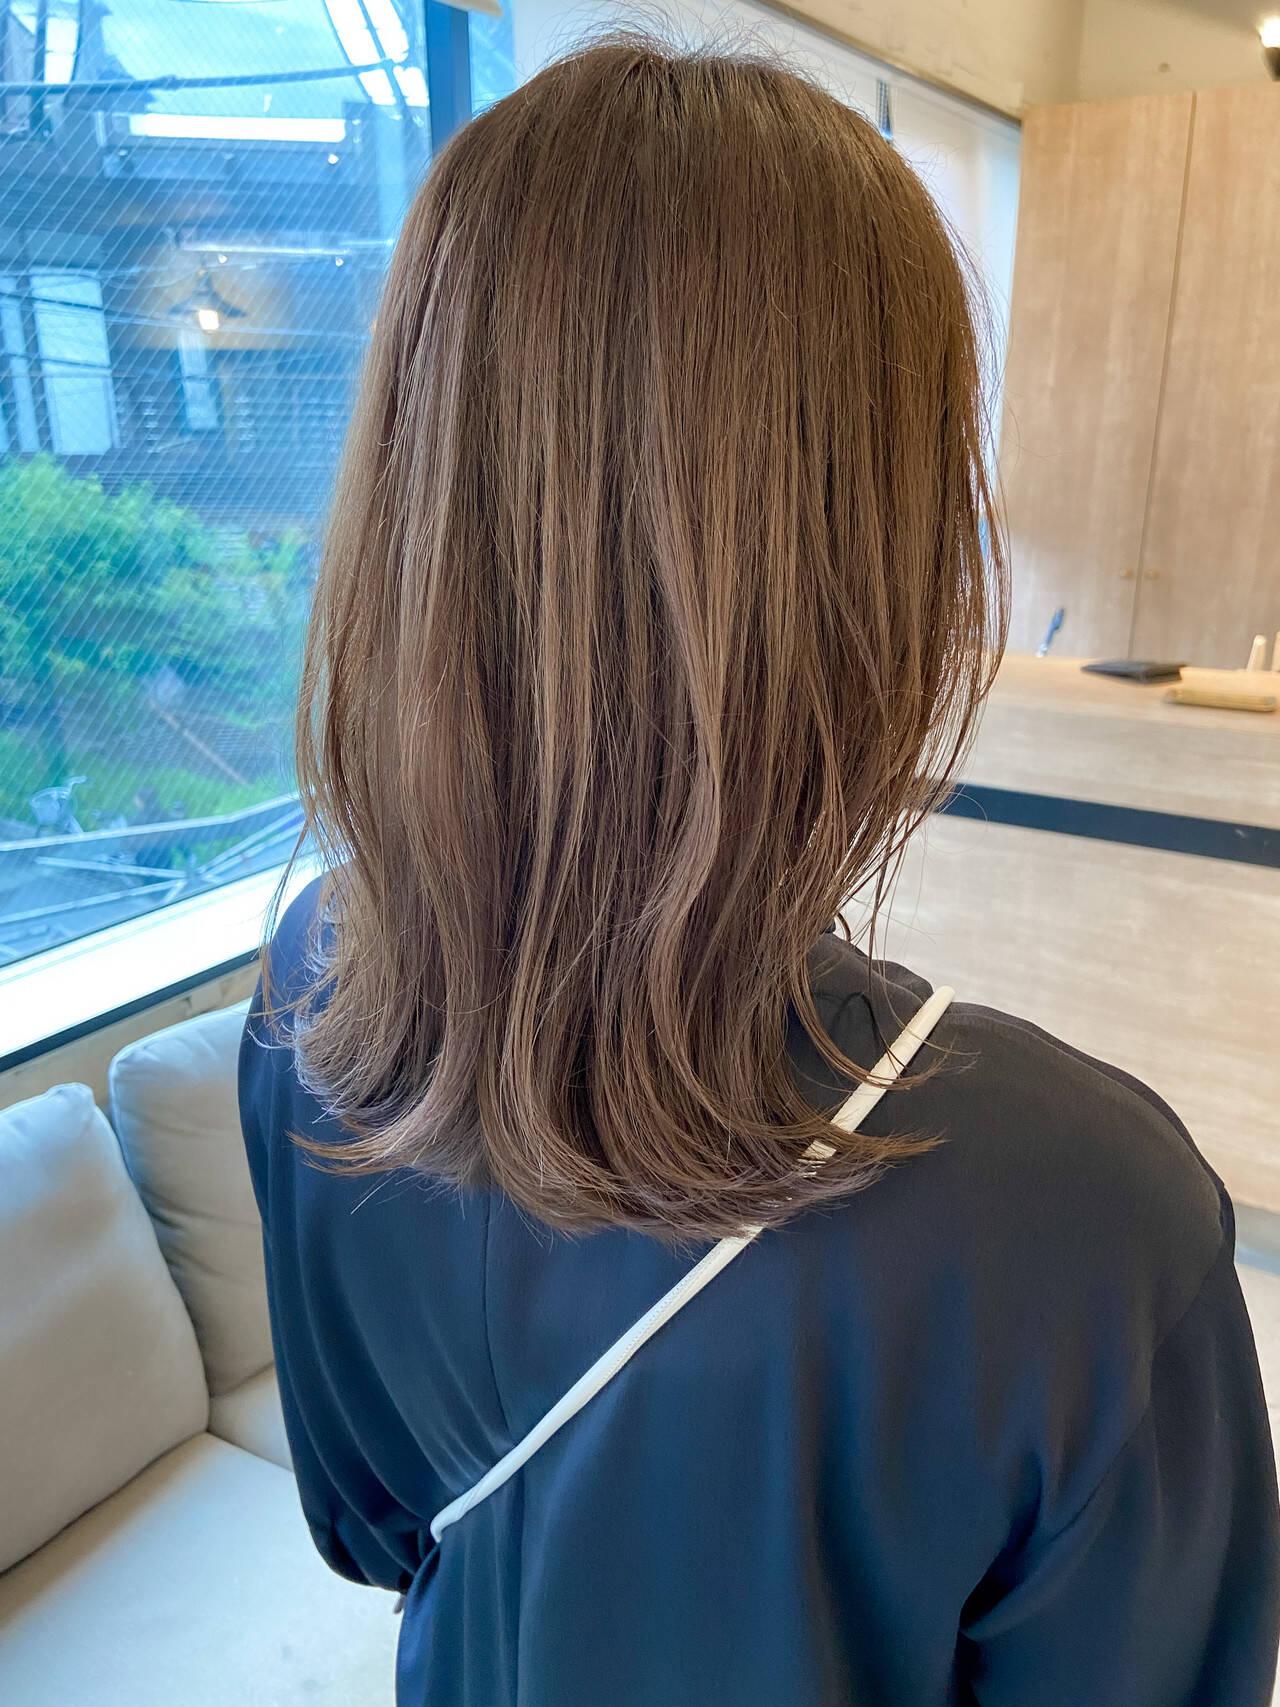 極細ハイライト アンニュイほつれヘア くびれボブ ミディアムレイヤーヘアスタイルや髪型の写真・画像